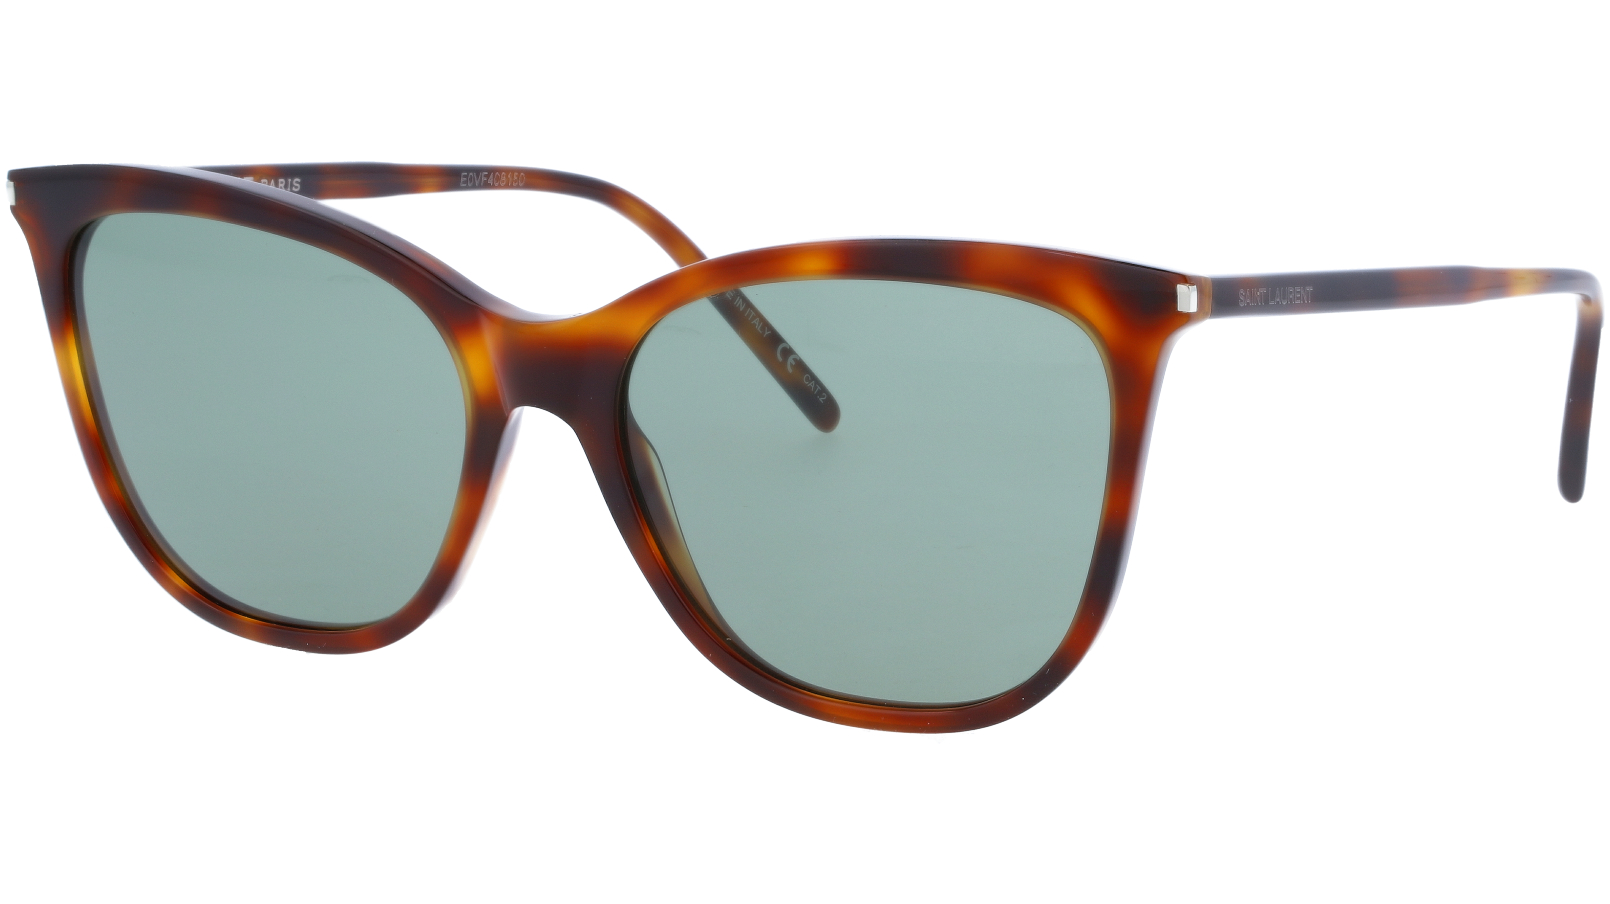 Saint Laurent SL305 003 55 Havana Sunglasses